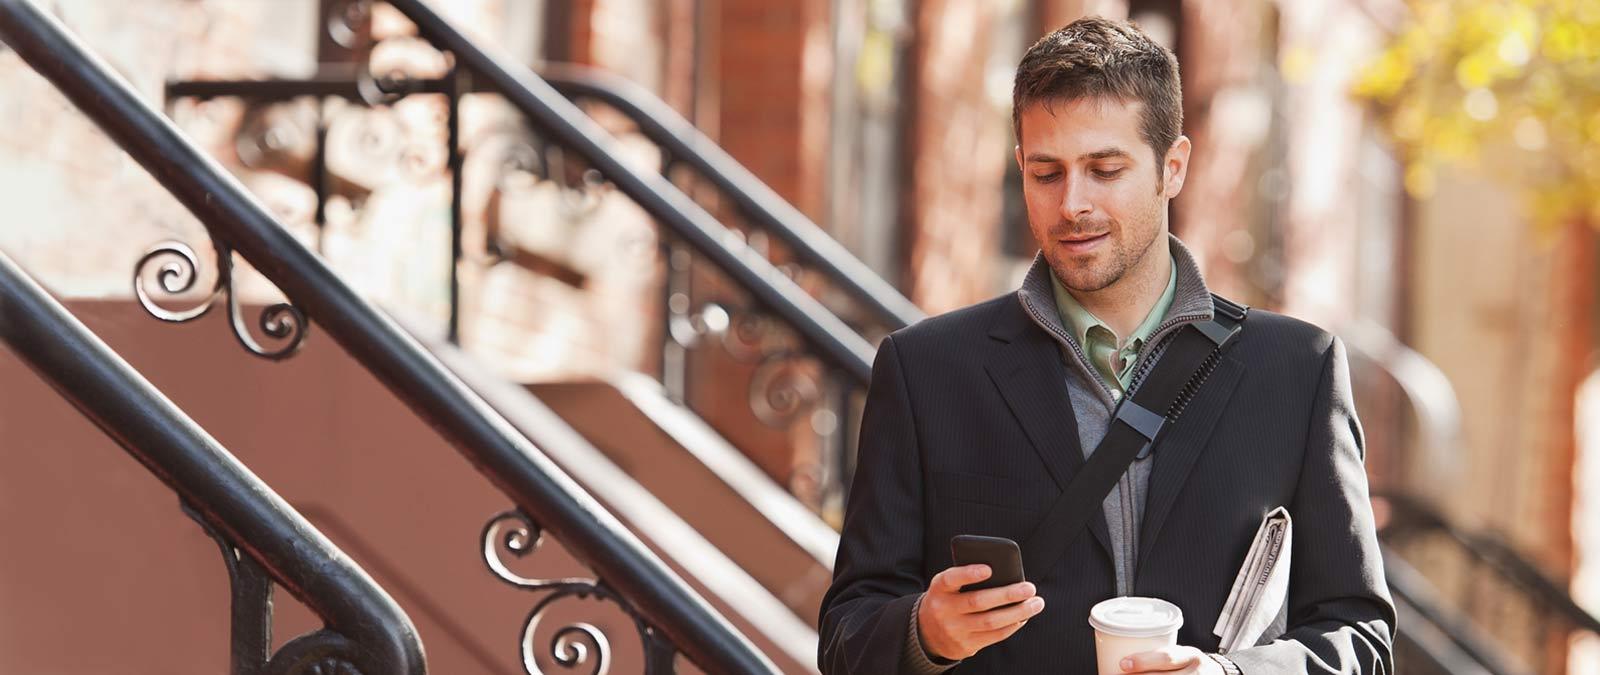 Az íróasztalánál telefont tartó férfi az Office 365 Nagyvállalati E1 csomagot használja.